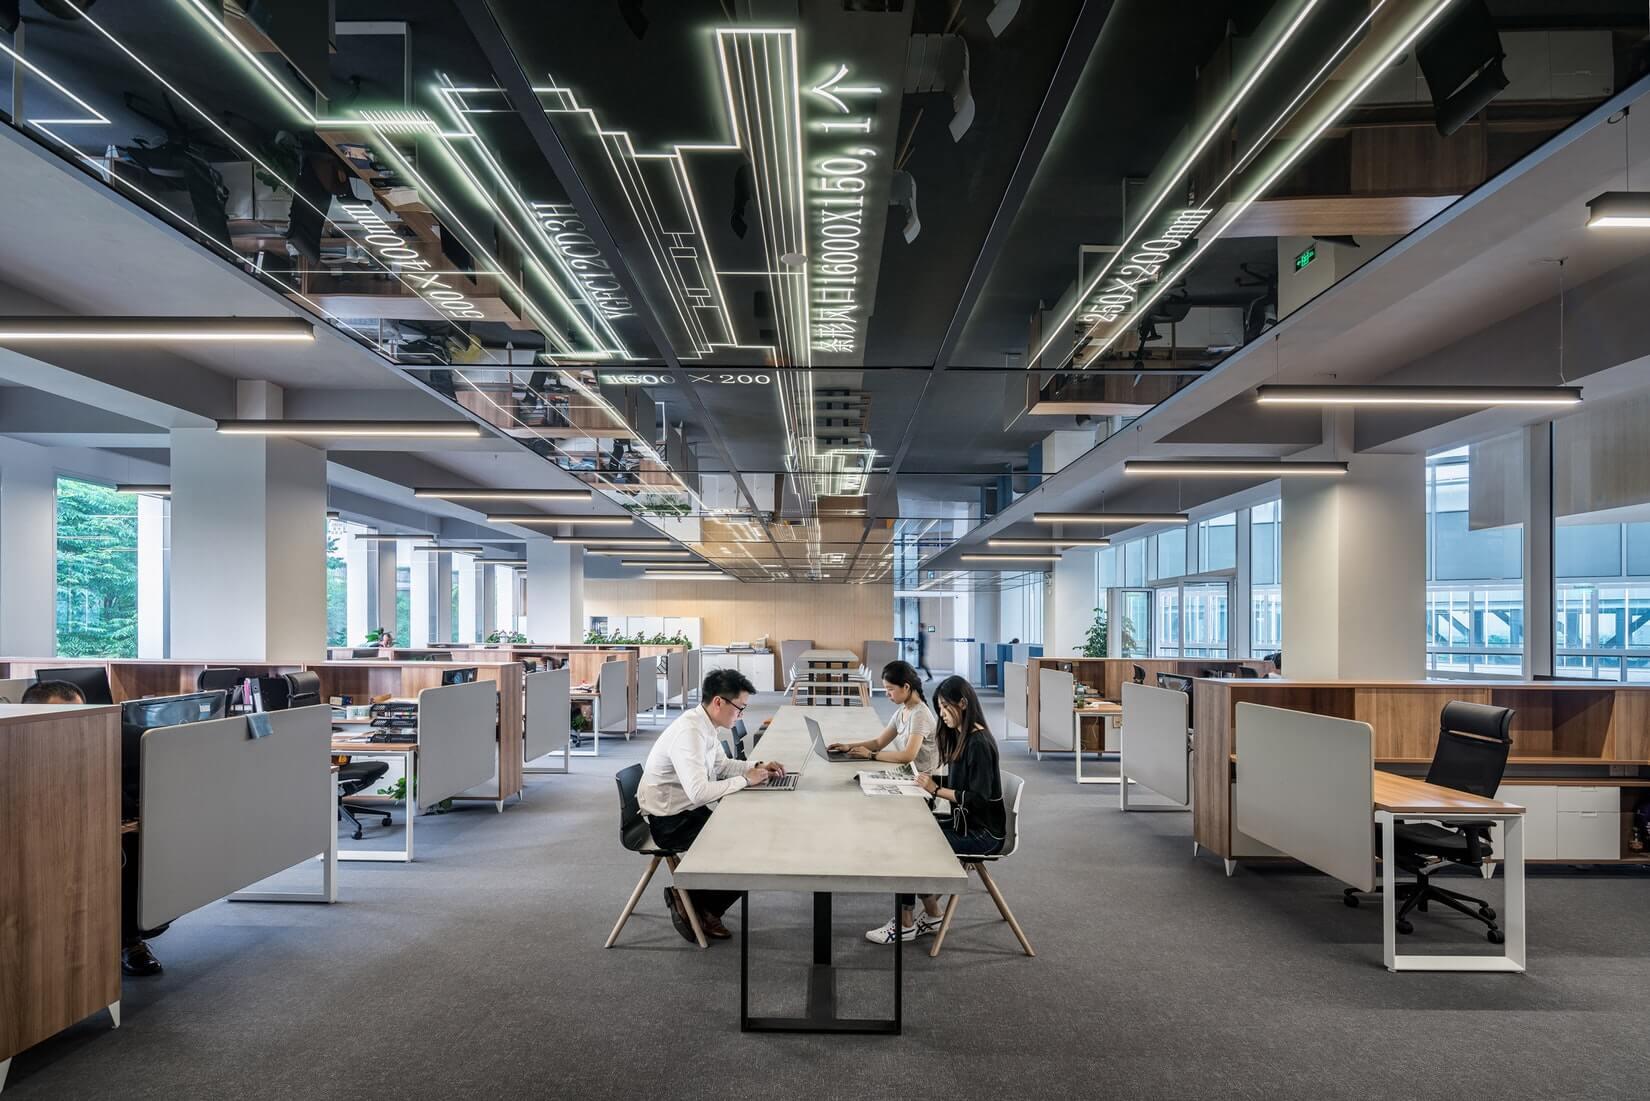 Cách đo diện tích cho thuê văn phòng làm việc dễ dàng